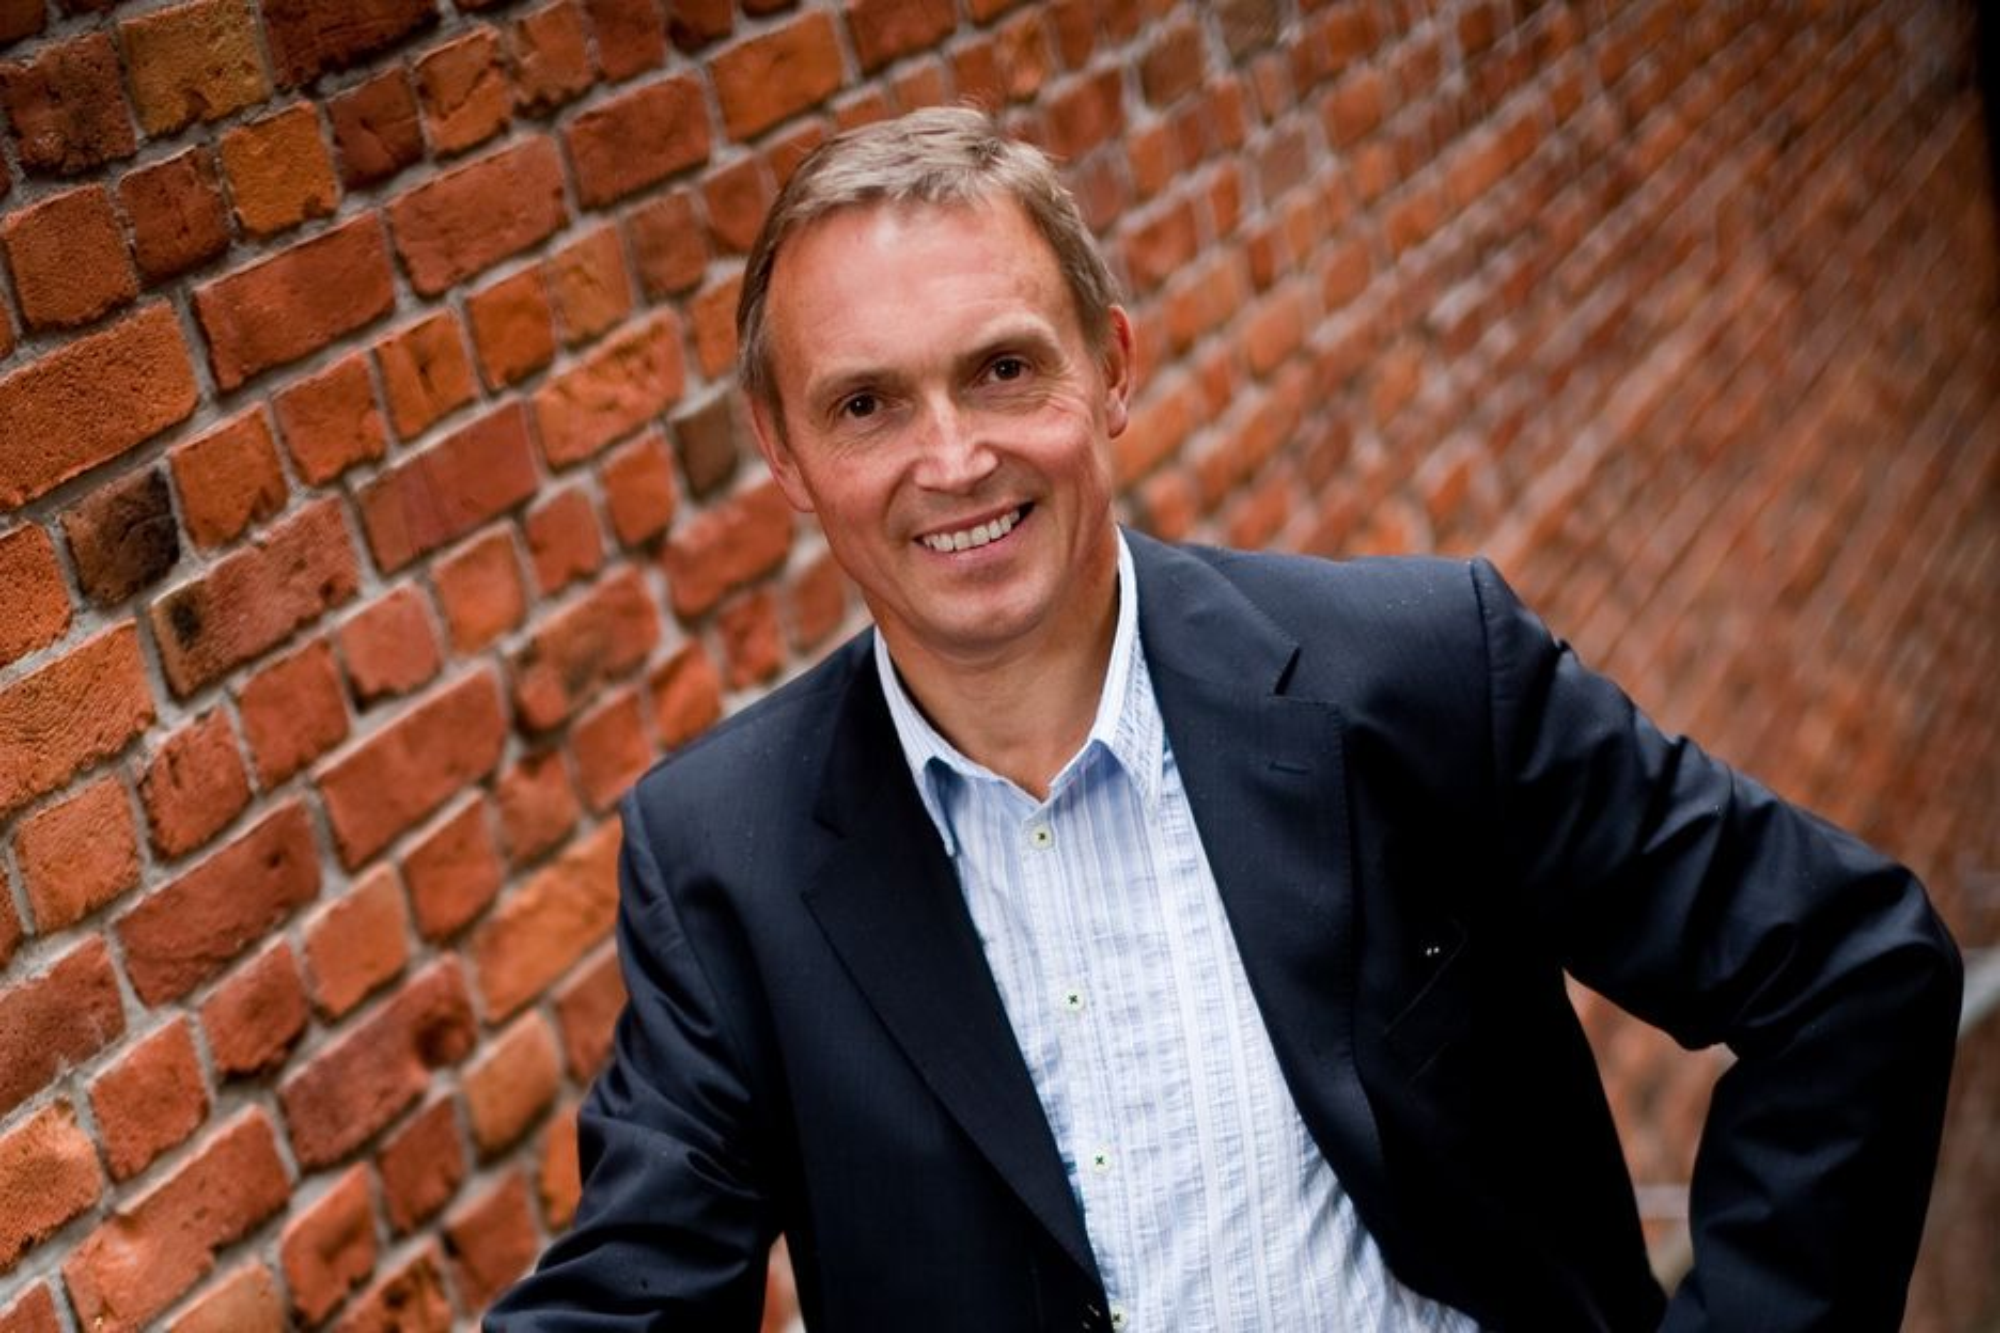 LEDERERFARING: - Jeg synes det er spennende at NITO står overfor et generasjonsskifte. Jeg har bygget mange team i mitt liv, sier Steinar Sørlie som 1. desember begynner som ny generalsekretær i NITO.